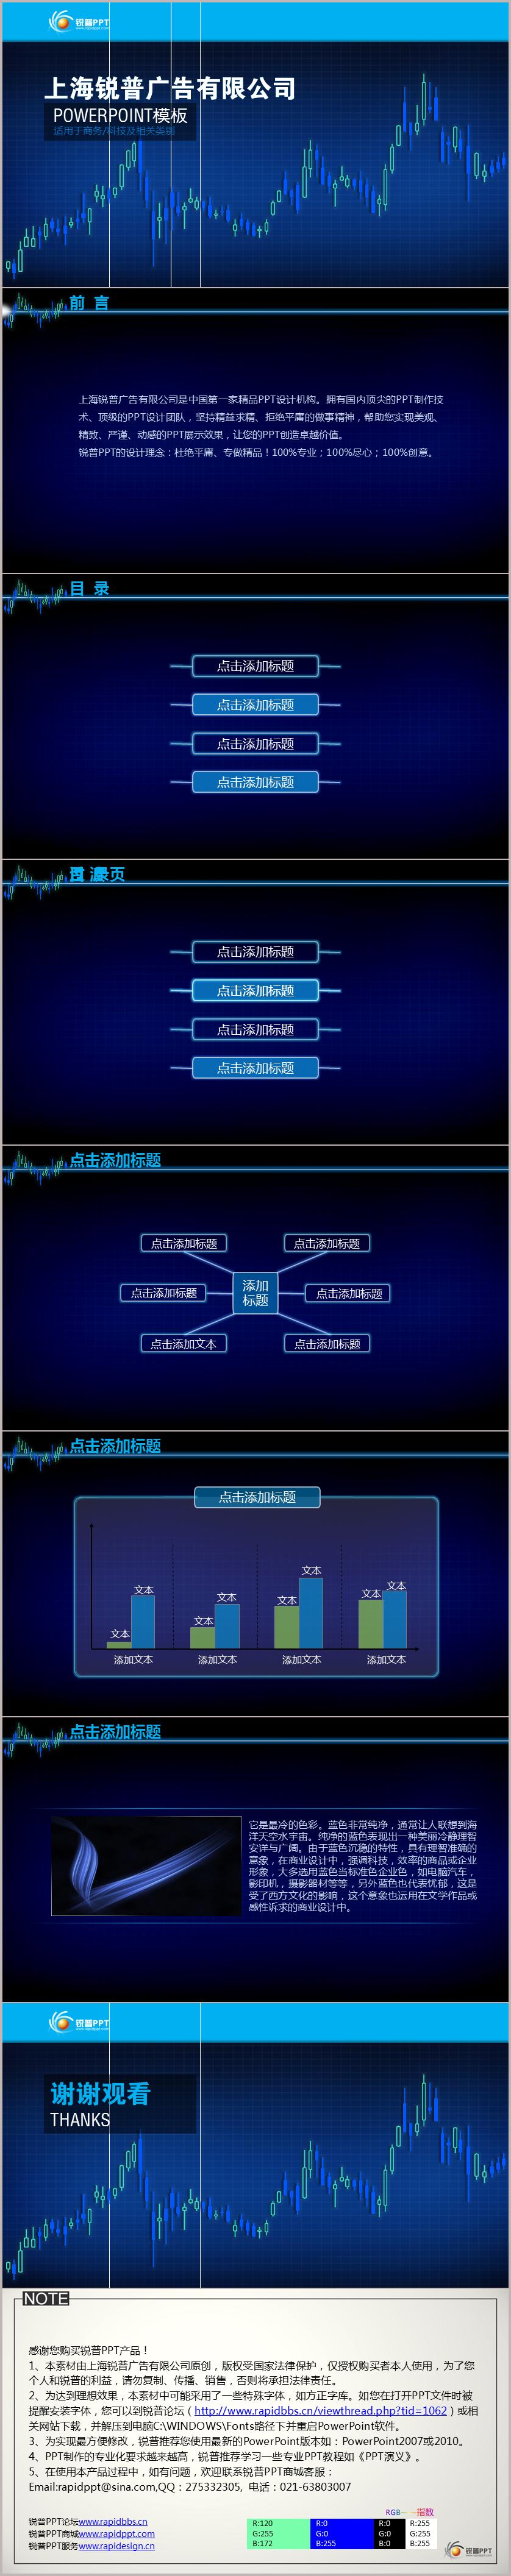 黑蓝色科技感ppt模板 蓝色k线图金融ppt模板  金融风ppt模板 金融类